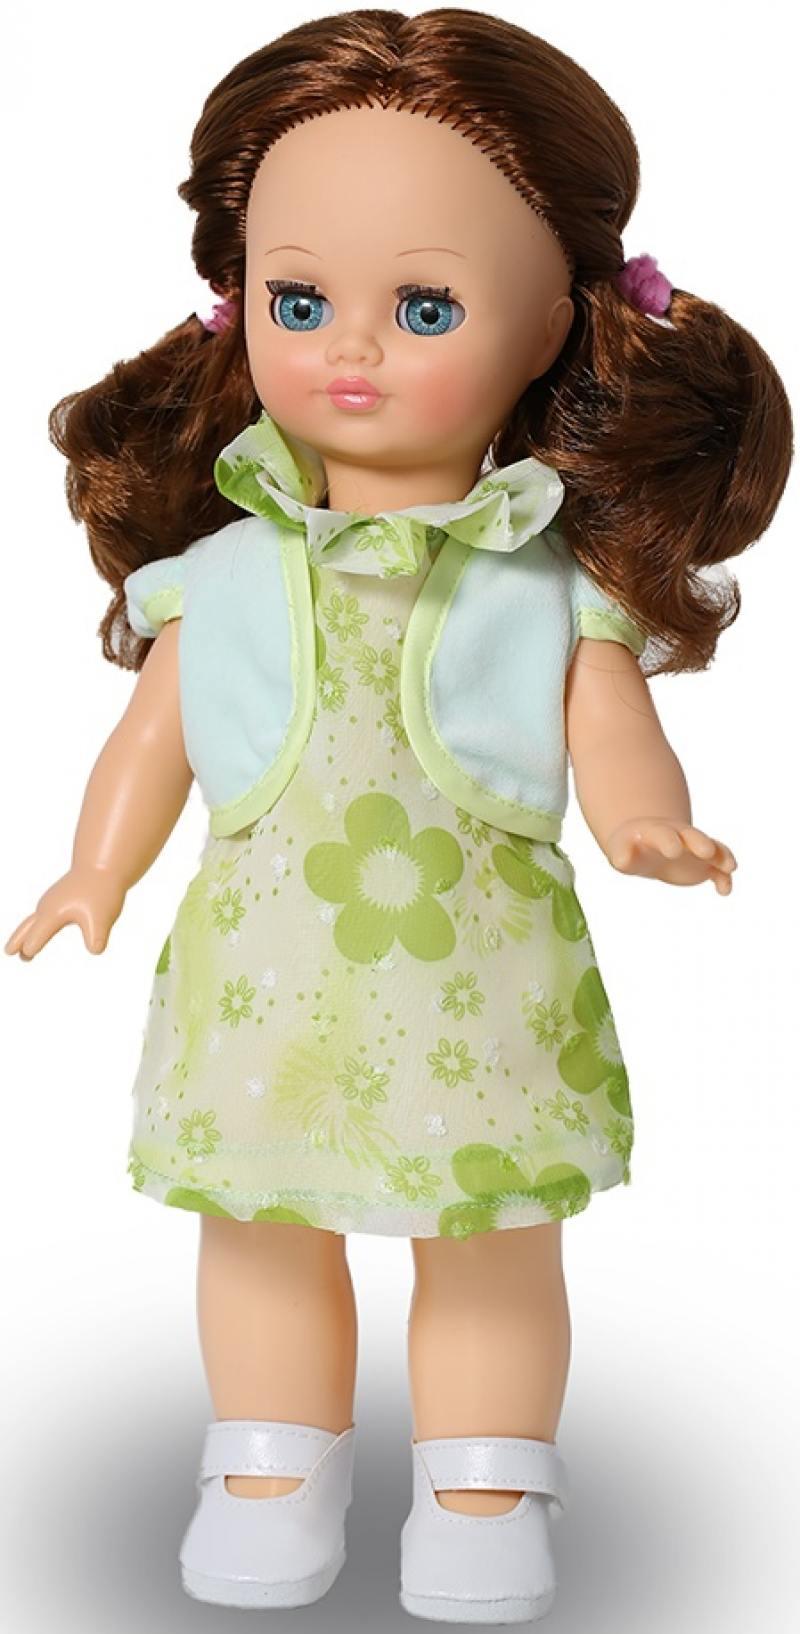 Кукла ВЕСНА Элла 3 (озвученная) В2955/о кукла весна анна 18 озвученная в2952 о